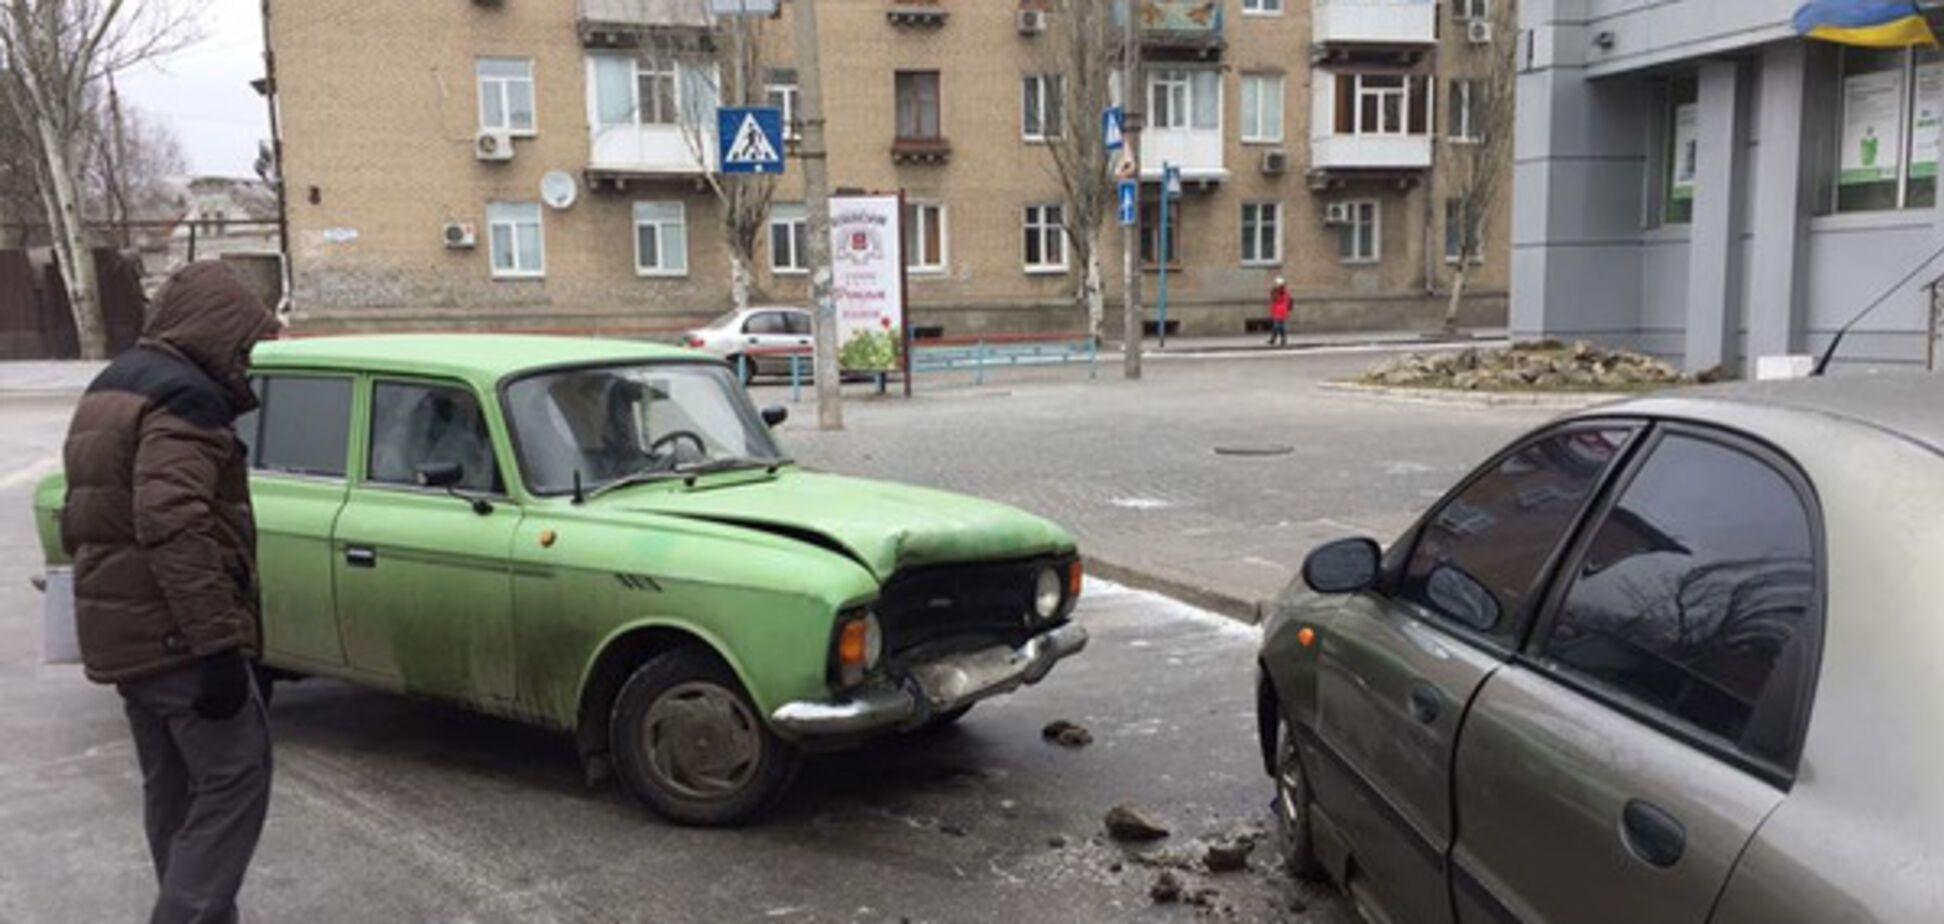 Депутат попал в ДТП и написал жалобу на самого себя (ФОТО)